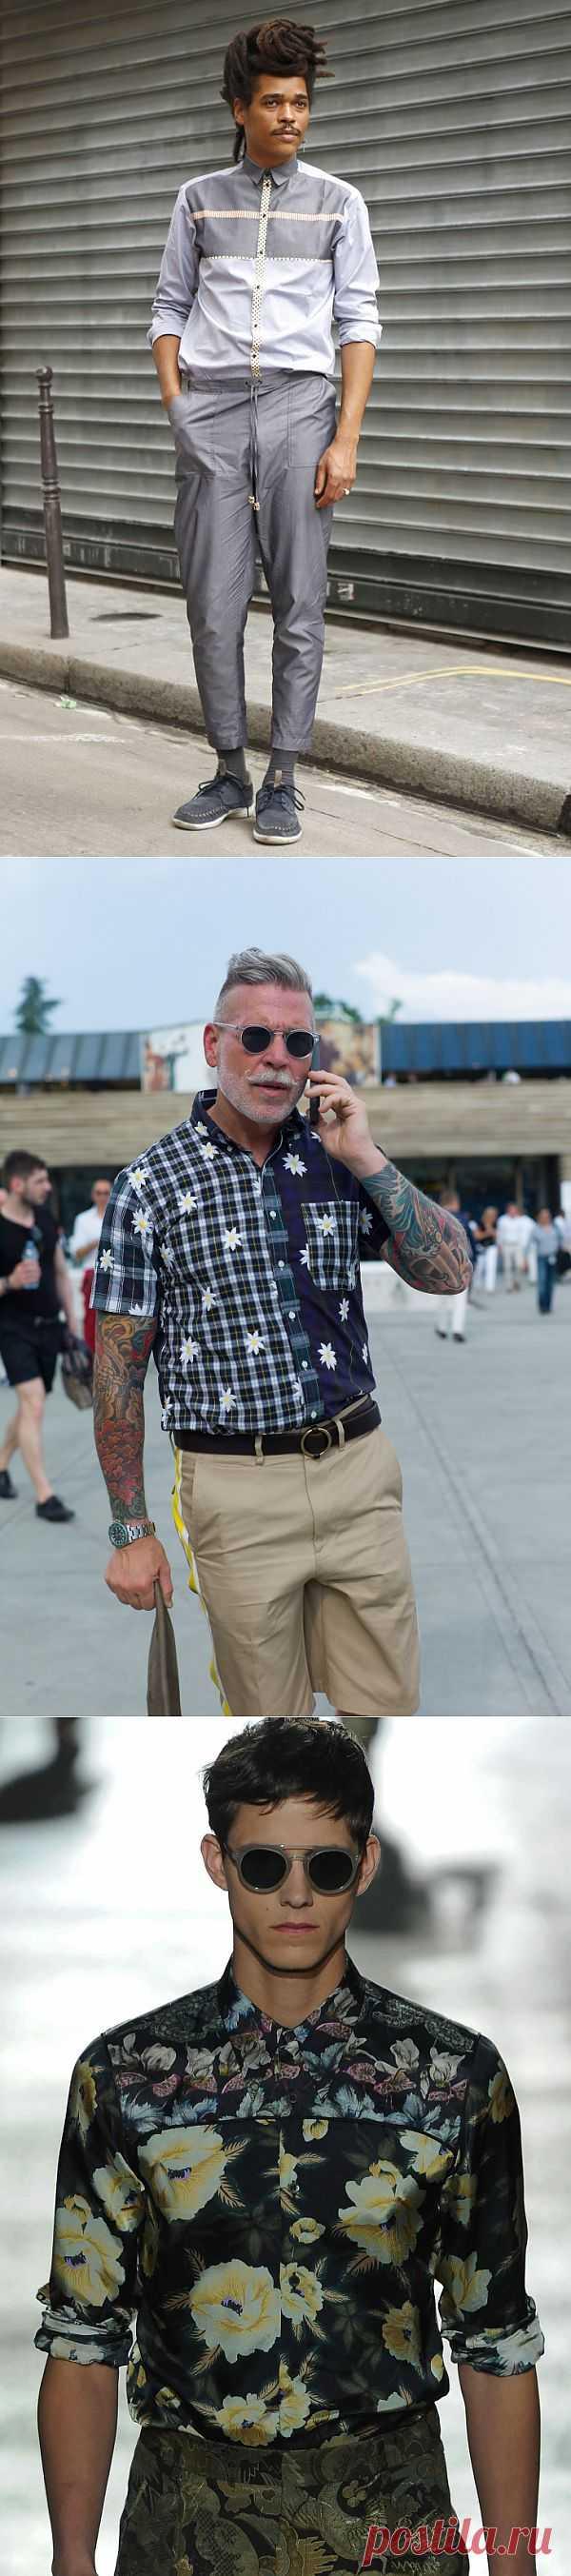 Мужские рубашки из тканей с разным рисунком (подборка) / Мужская мода / Модный сайт о стильной переделке одежды и интерьера